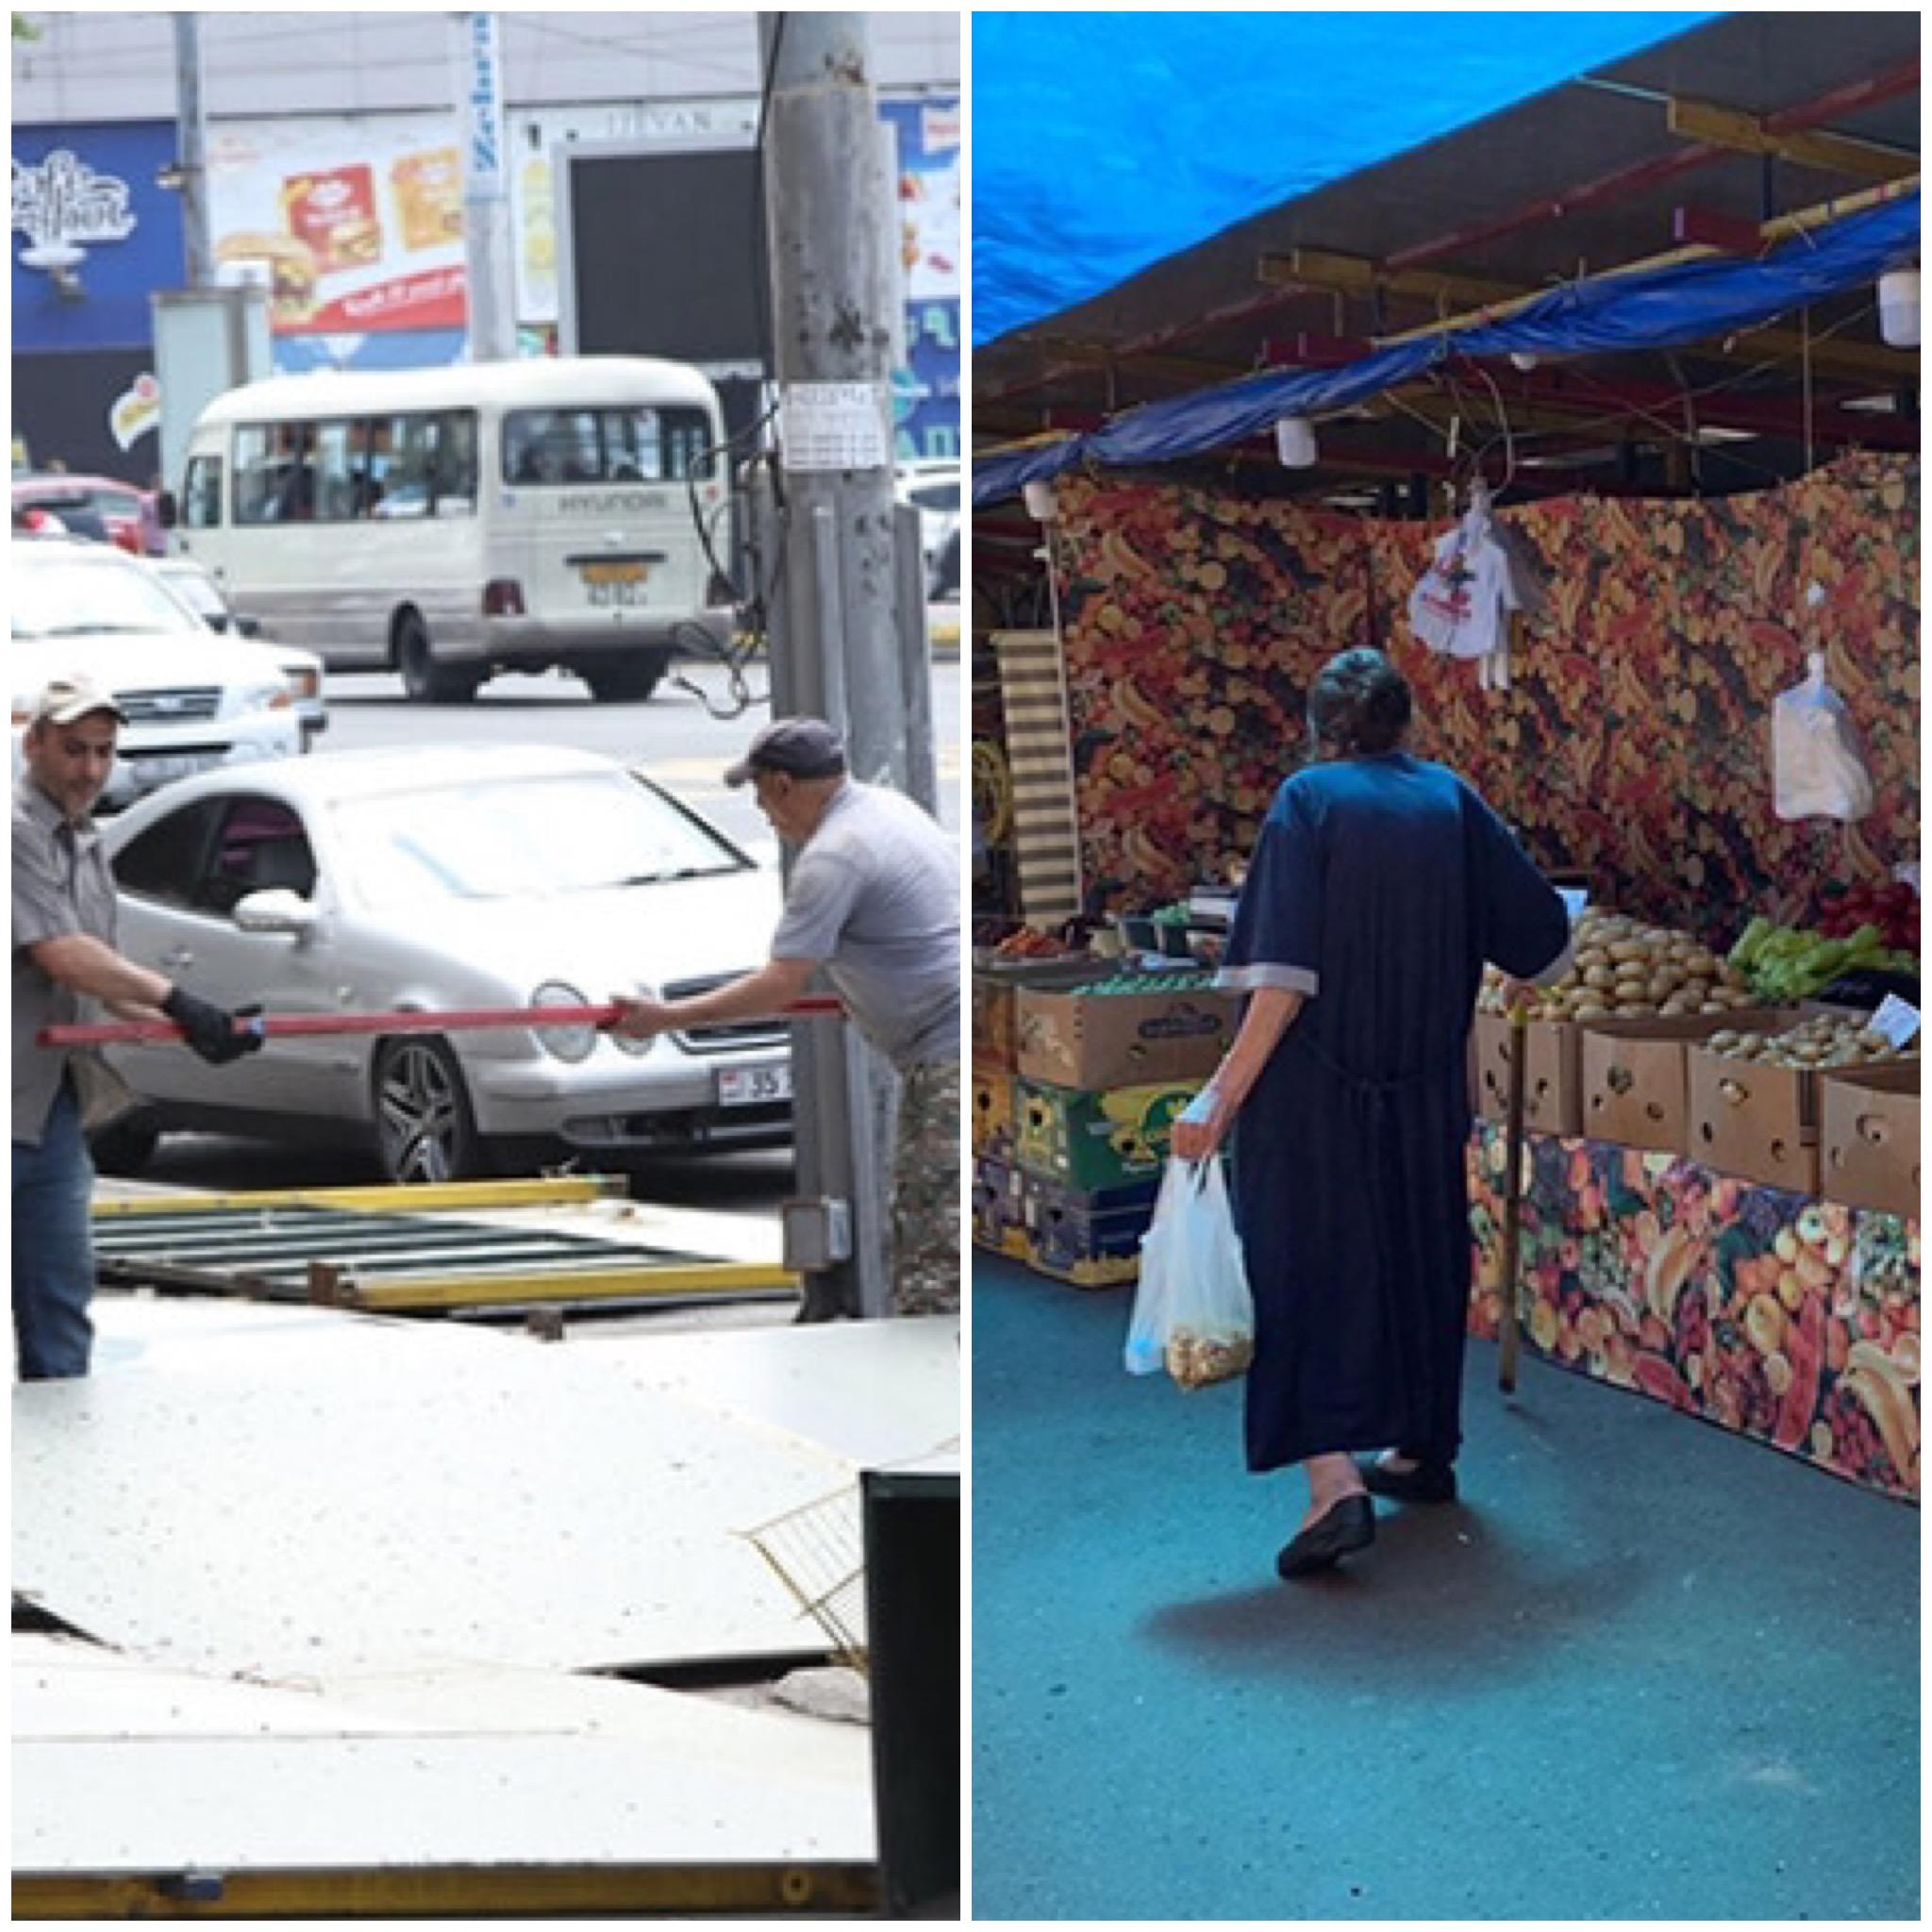 Կոմիտասի պողոտայի շուկայի հարակից առևտրային տաղավարները ապամոնտաժվում են